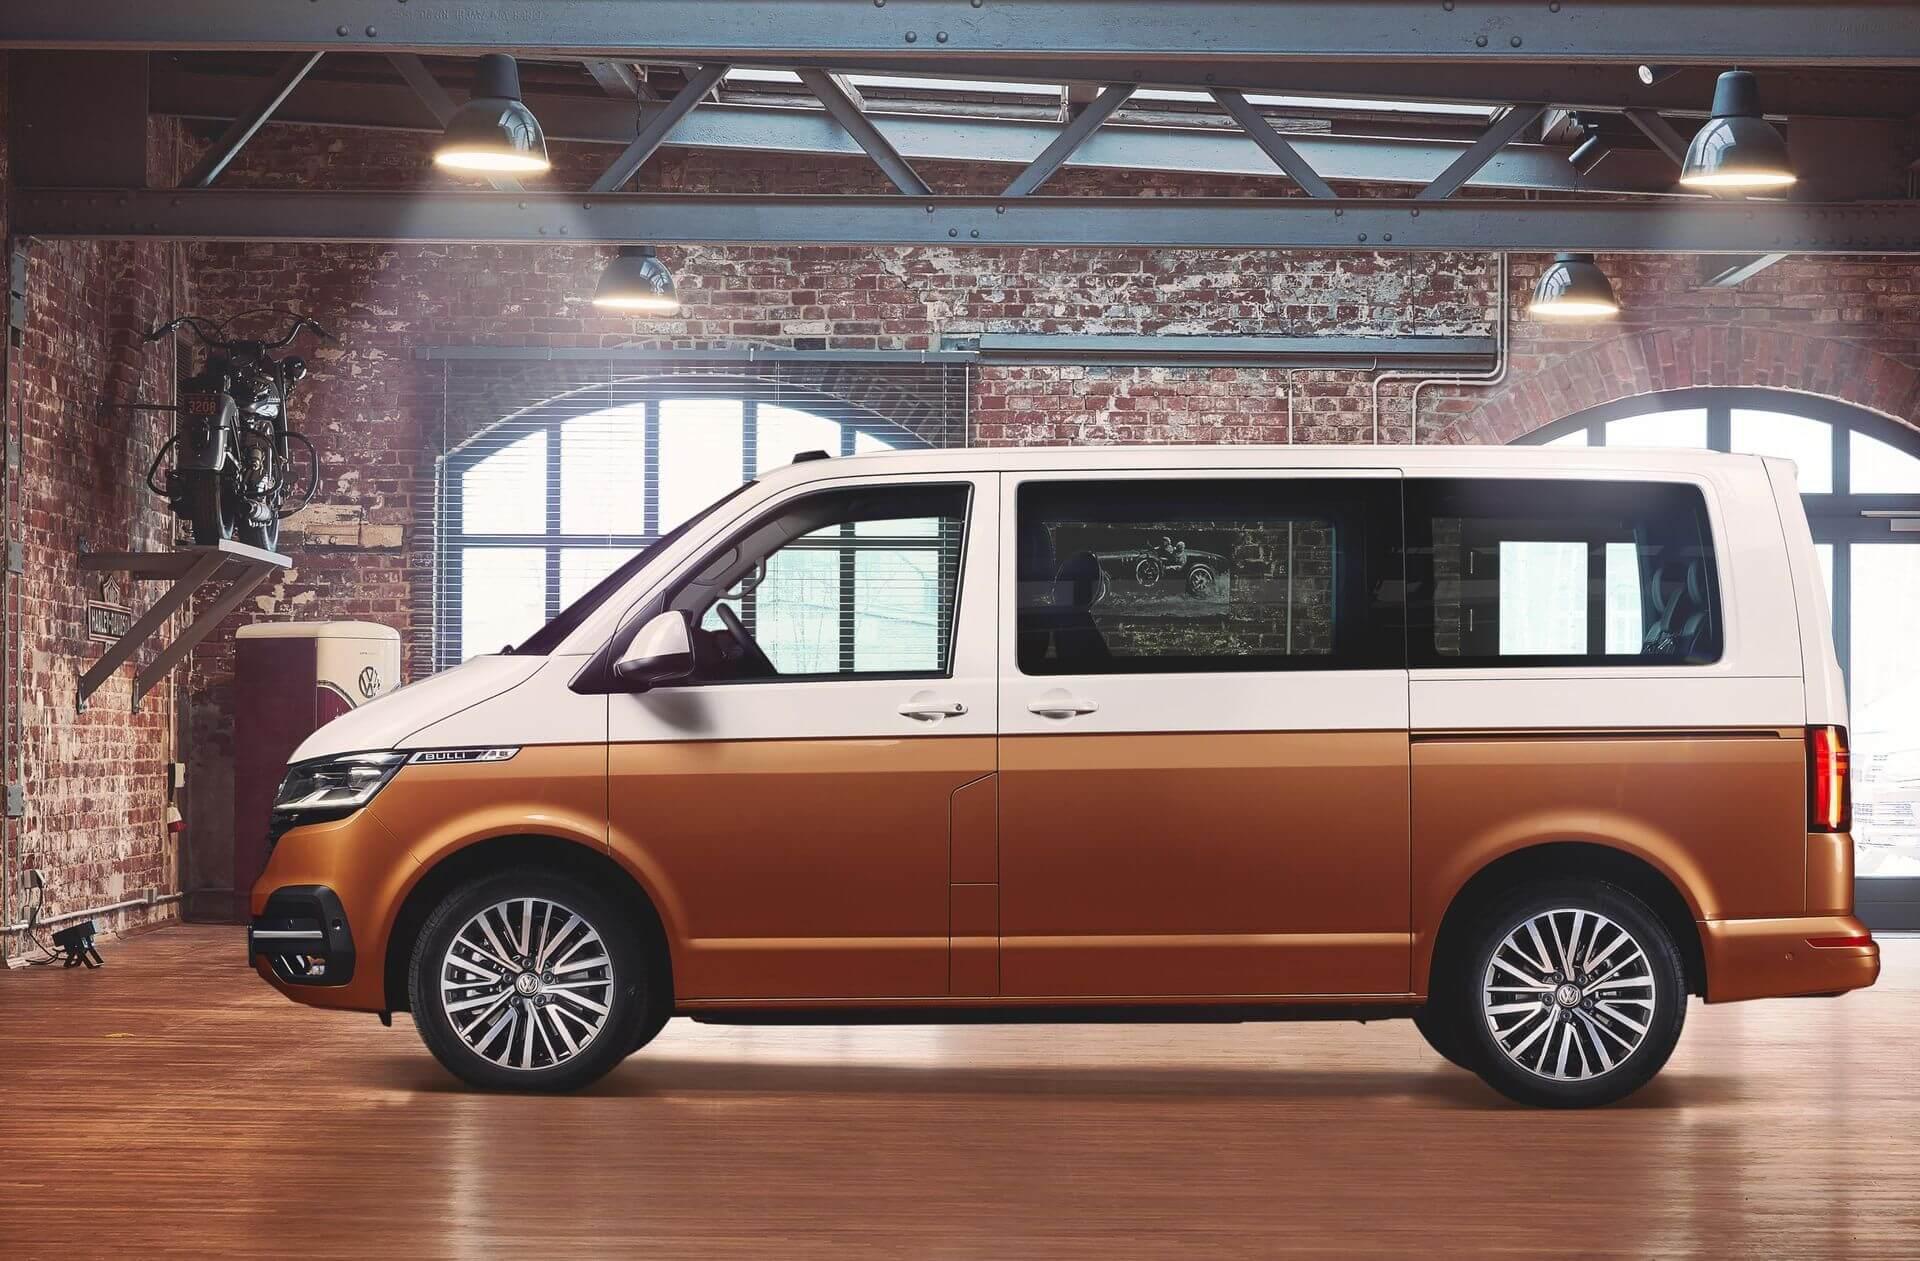 Электрическая версия Volkswagen Multivan Т6.1 (Bulli)